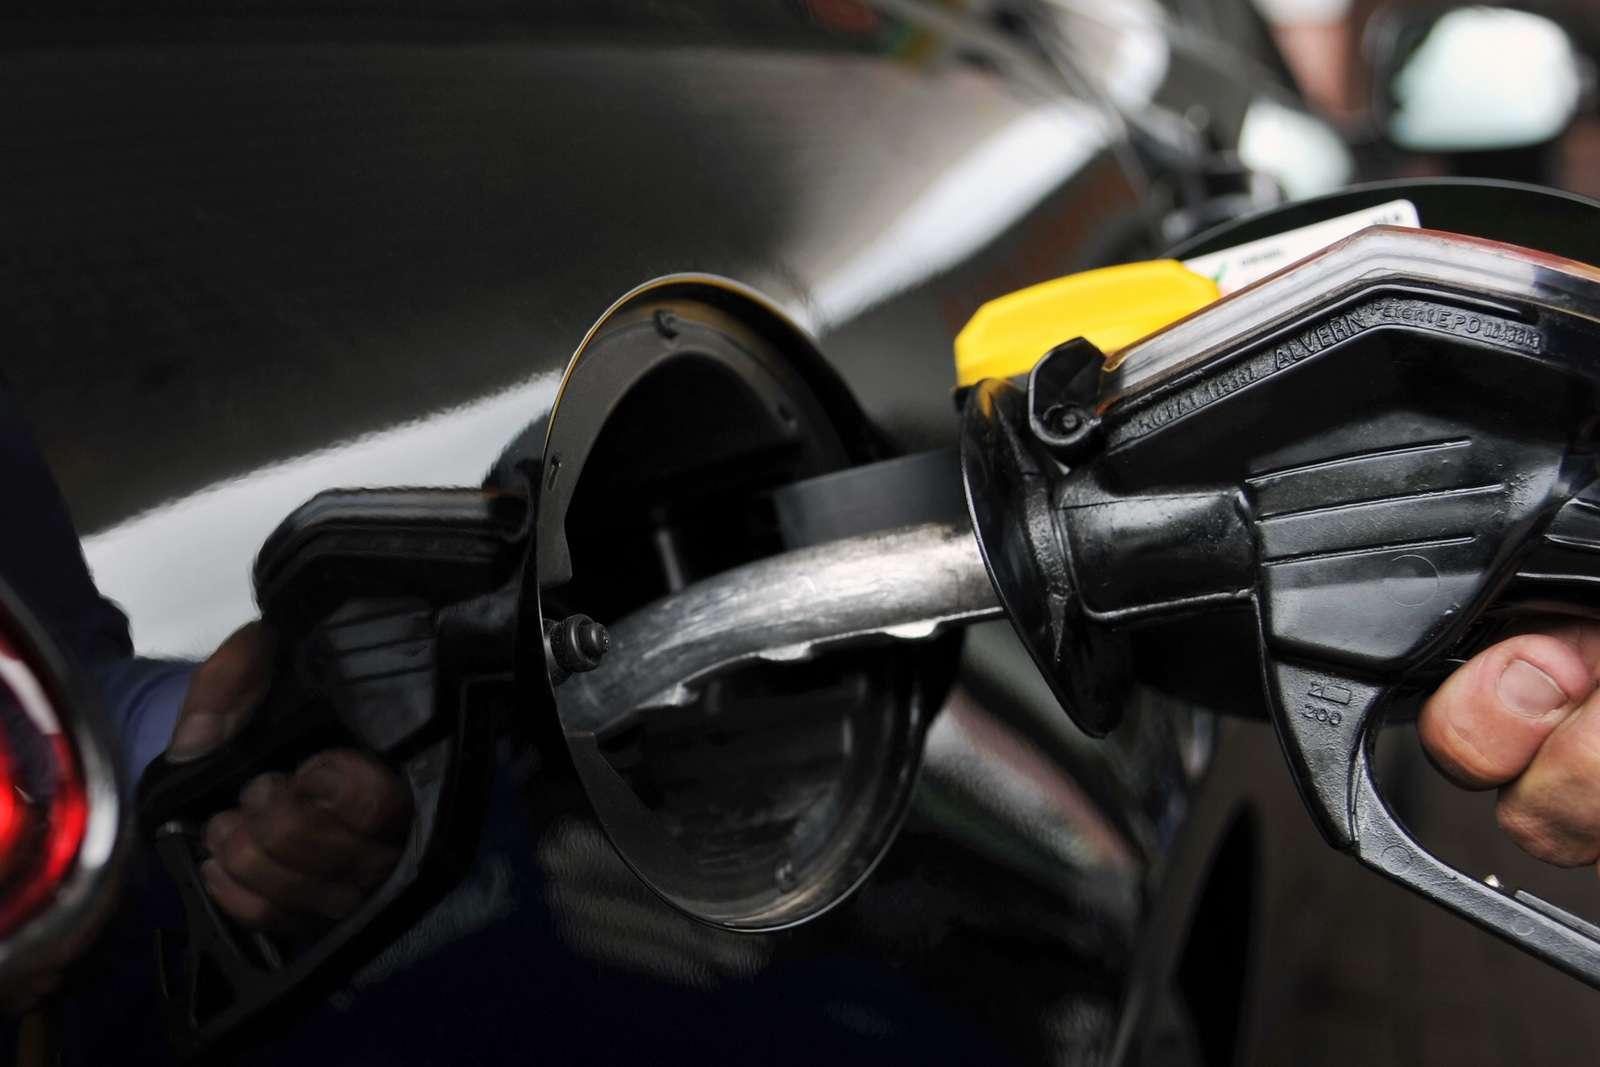 Nowy Jaguar XF diesel rekord czerwiec 2011